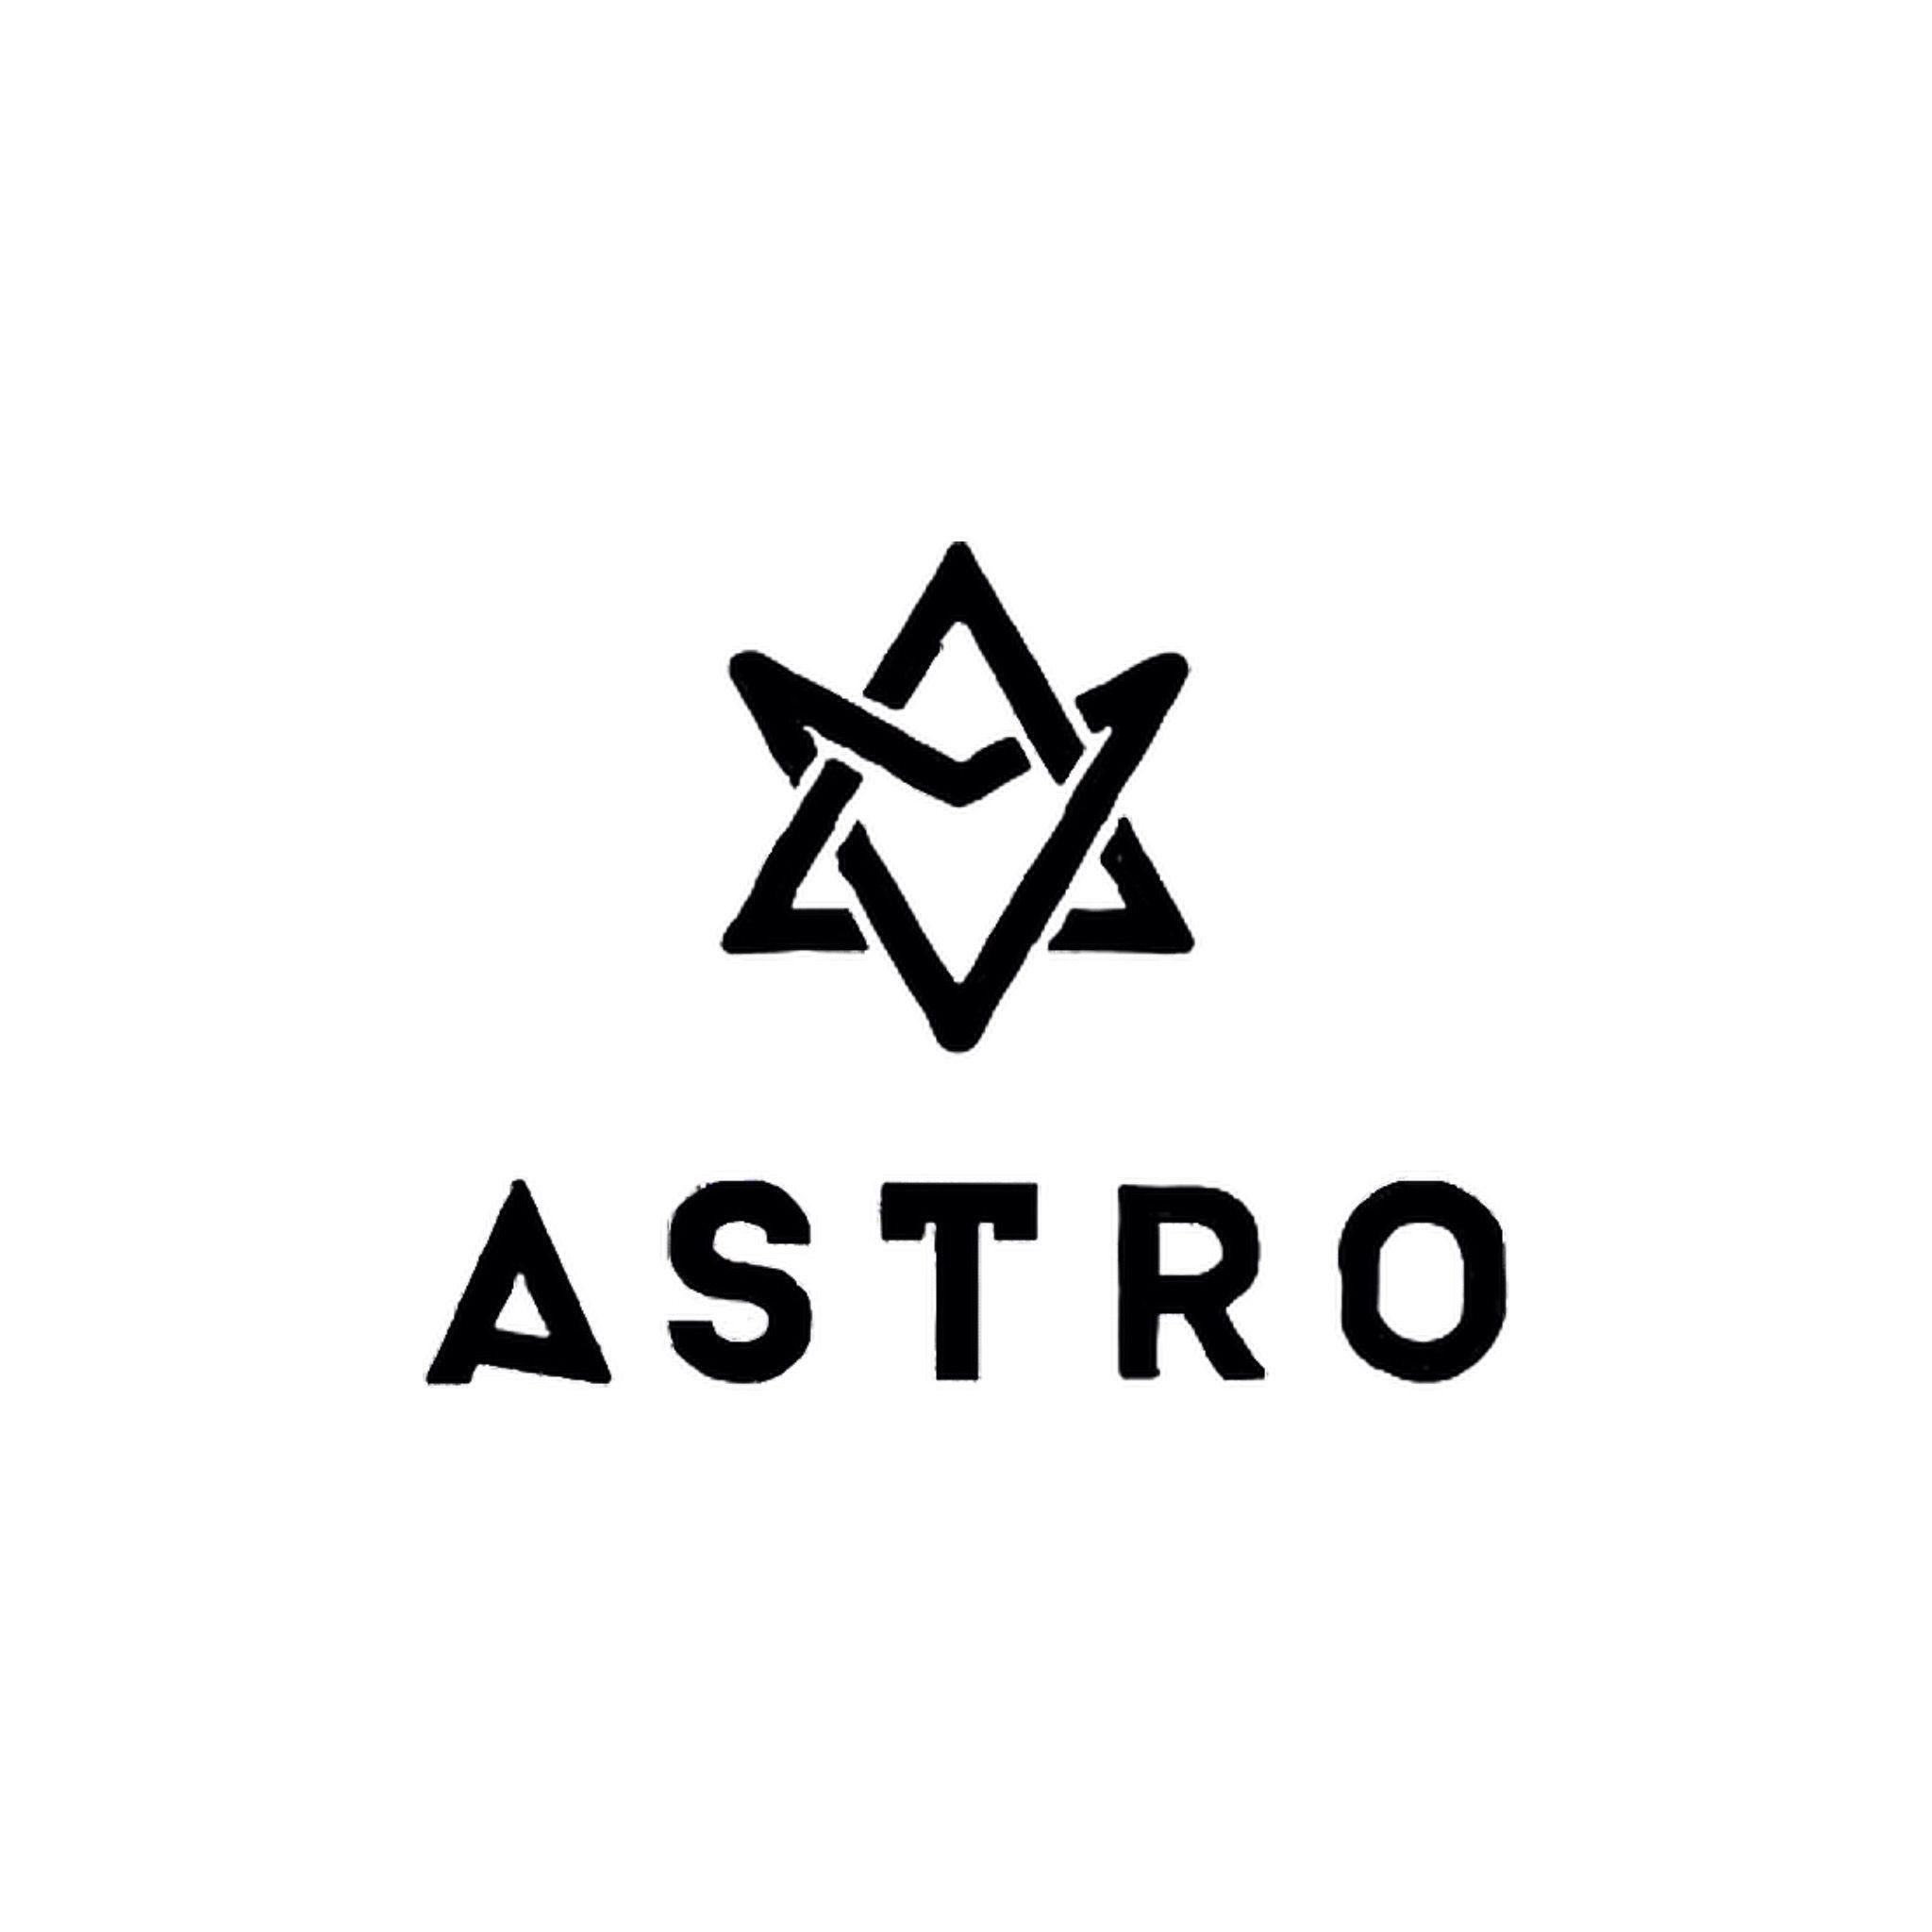 カムバックが待ち遠しい!ASTROのメンバープロフィールを人気順に詳しくご紹介!メンバーの見分け方って…?